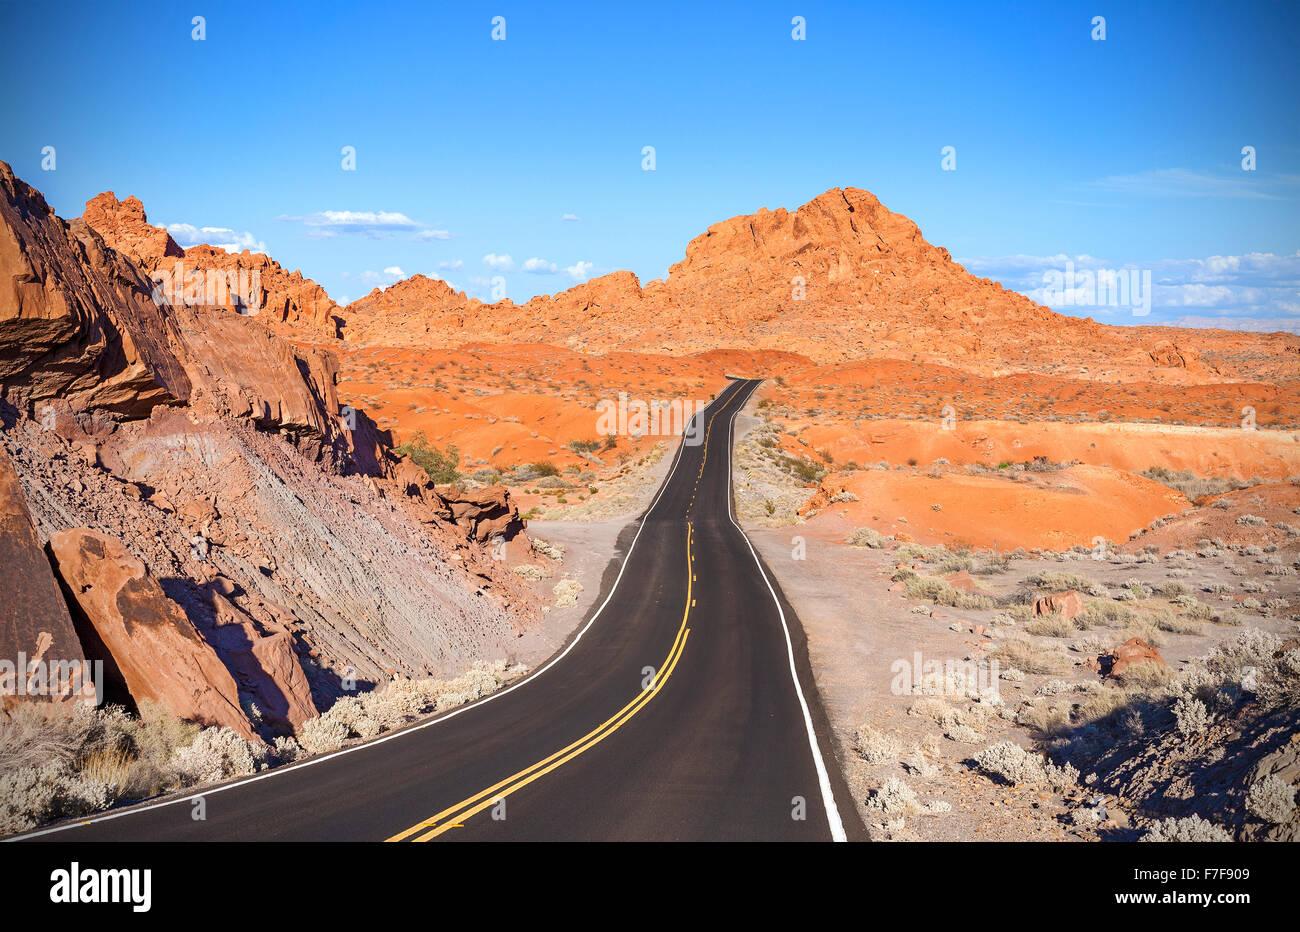 Wicklung Wüste Autobahn, Abenteuer Reisen Konzept, Valley of Fire State Park, Nevada, USA. Stockbild